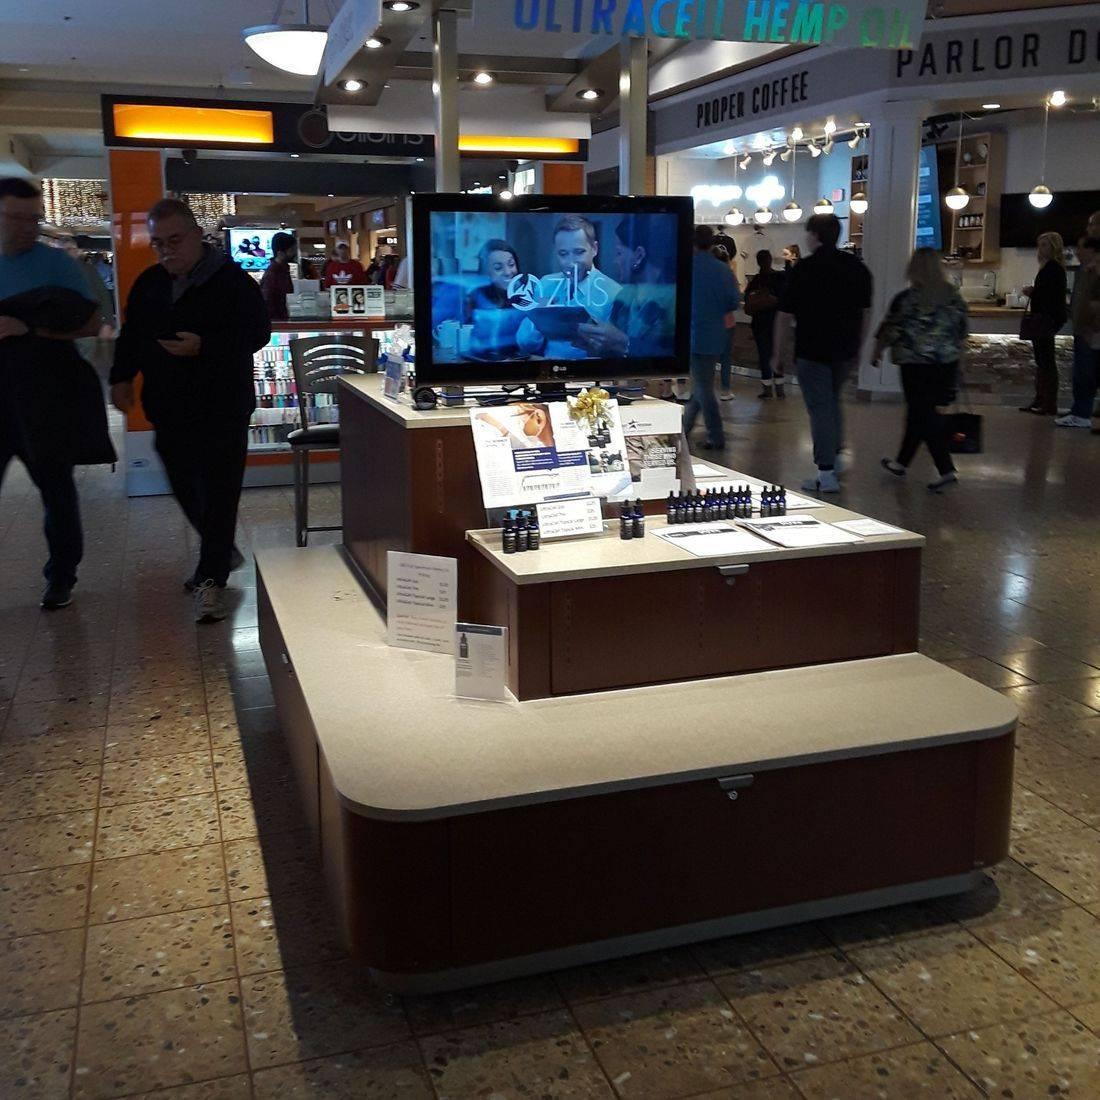 Hemp CBD Oil kiosk at the mall